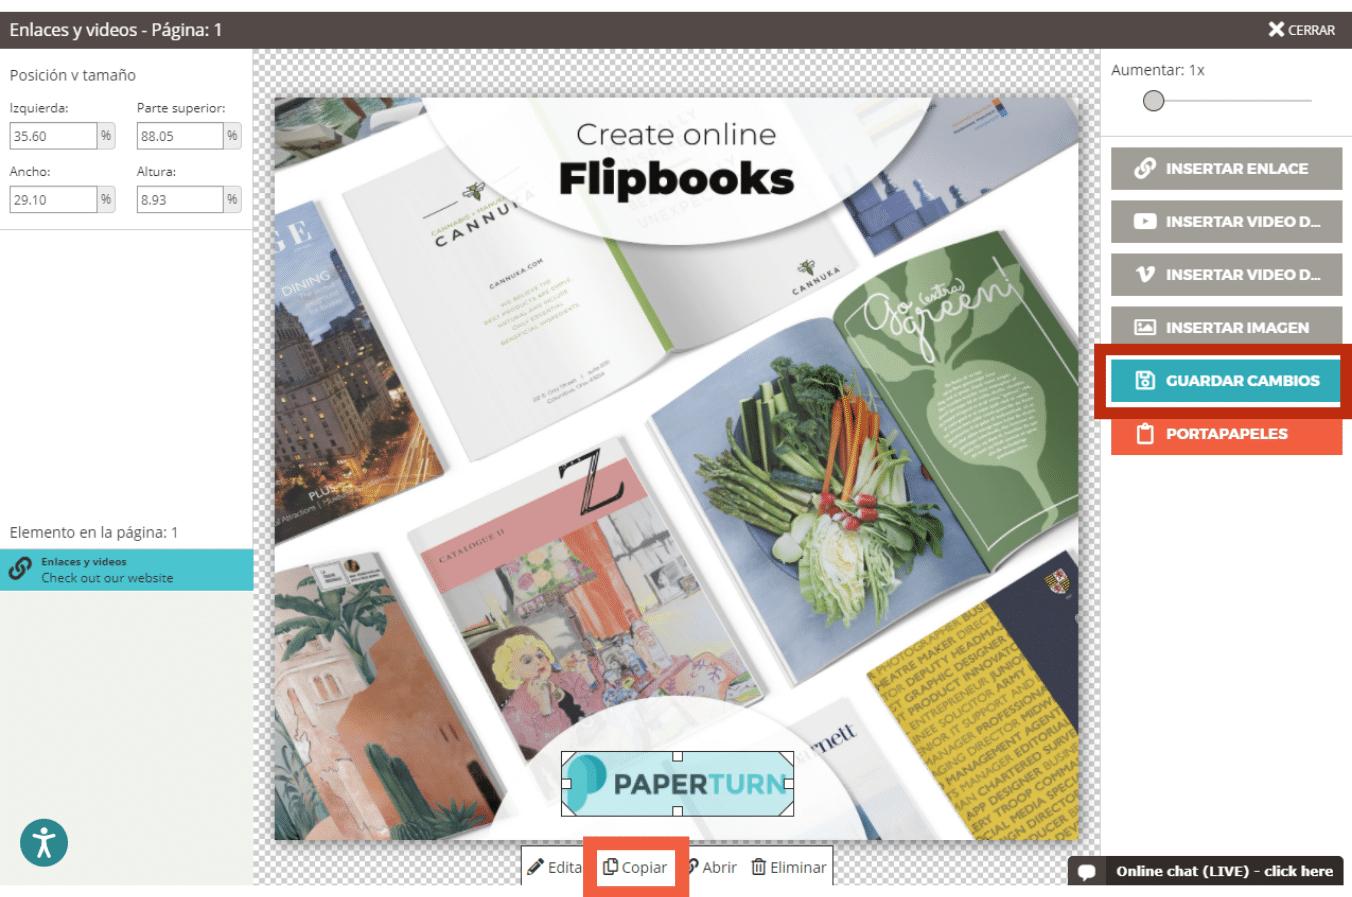 Editor de flipbooks de Paperturn con los botones